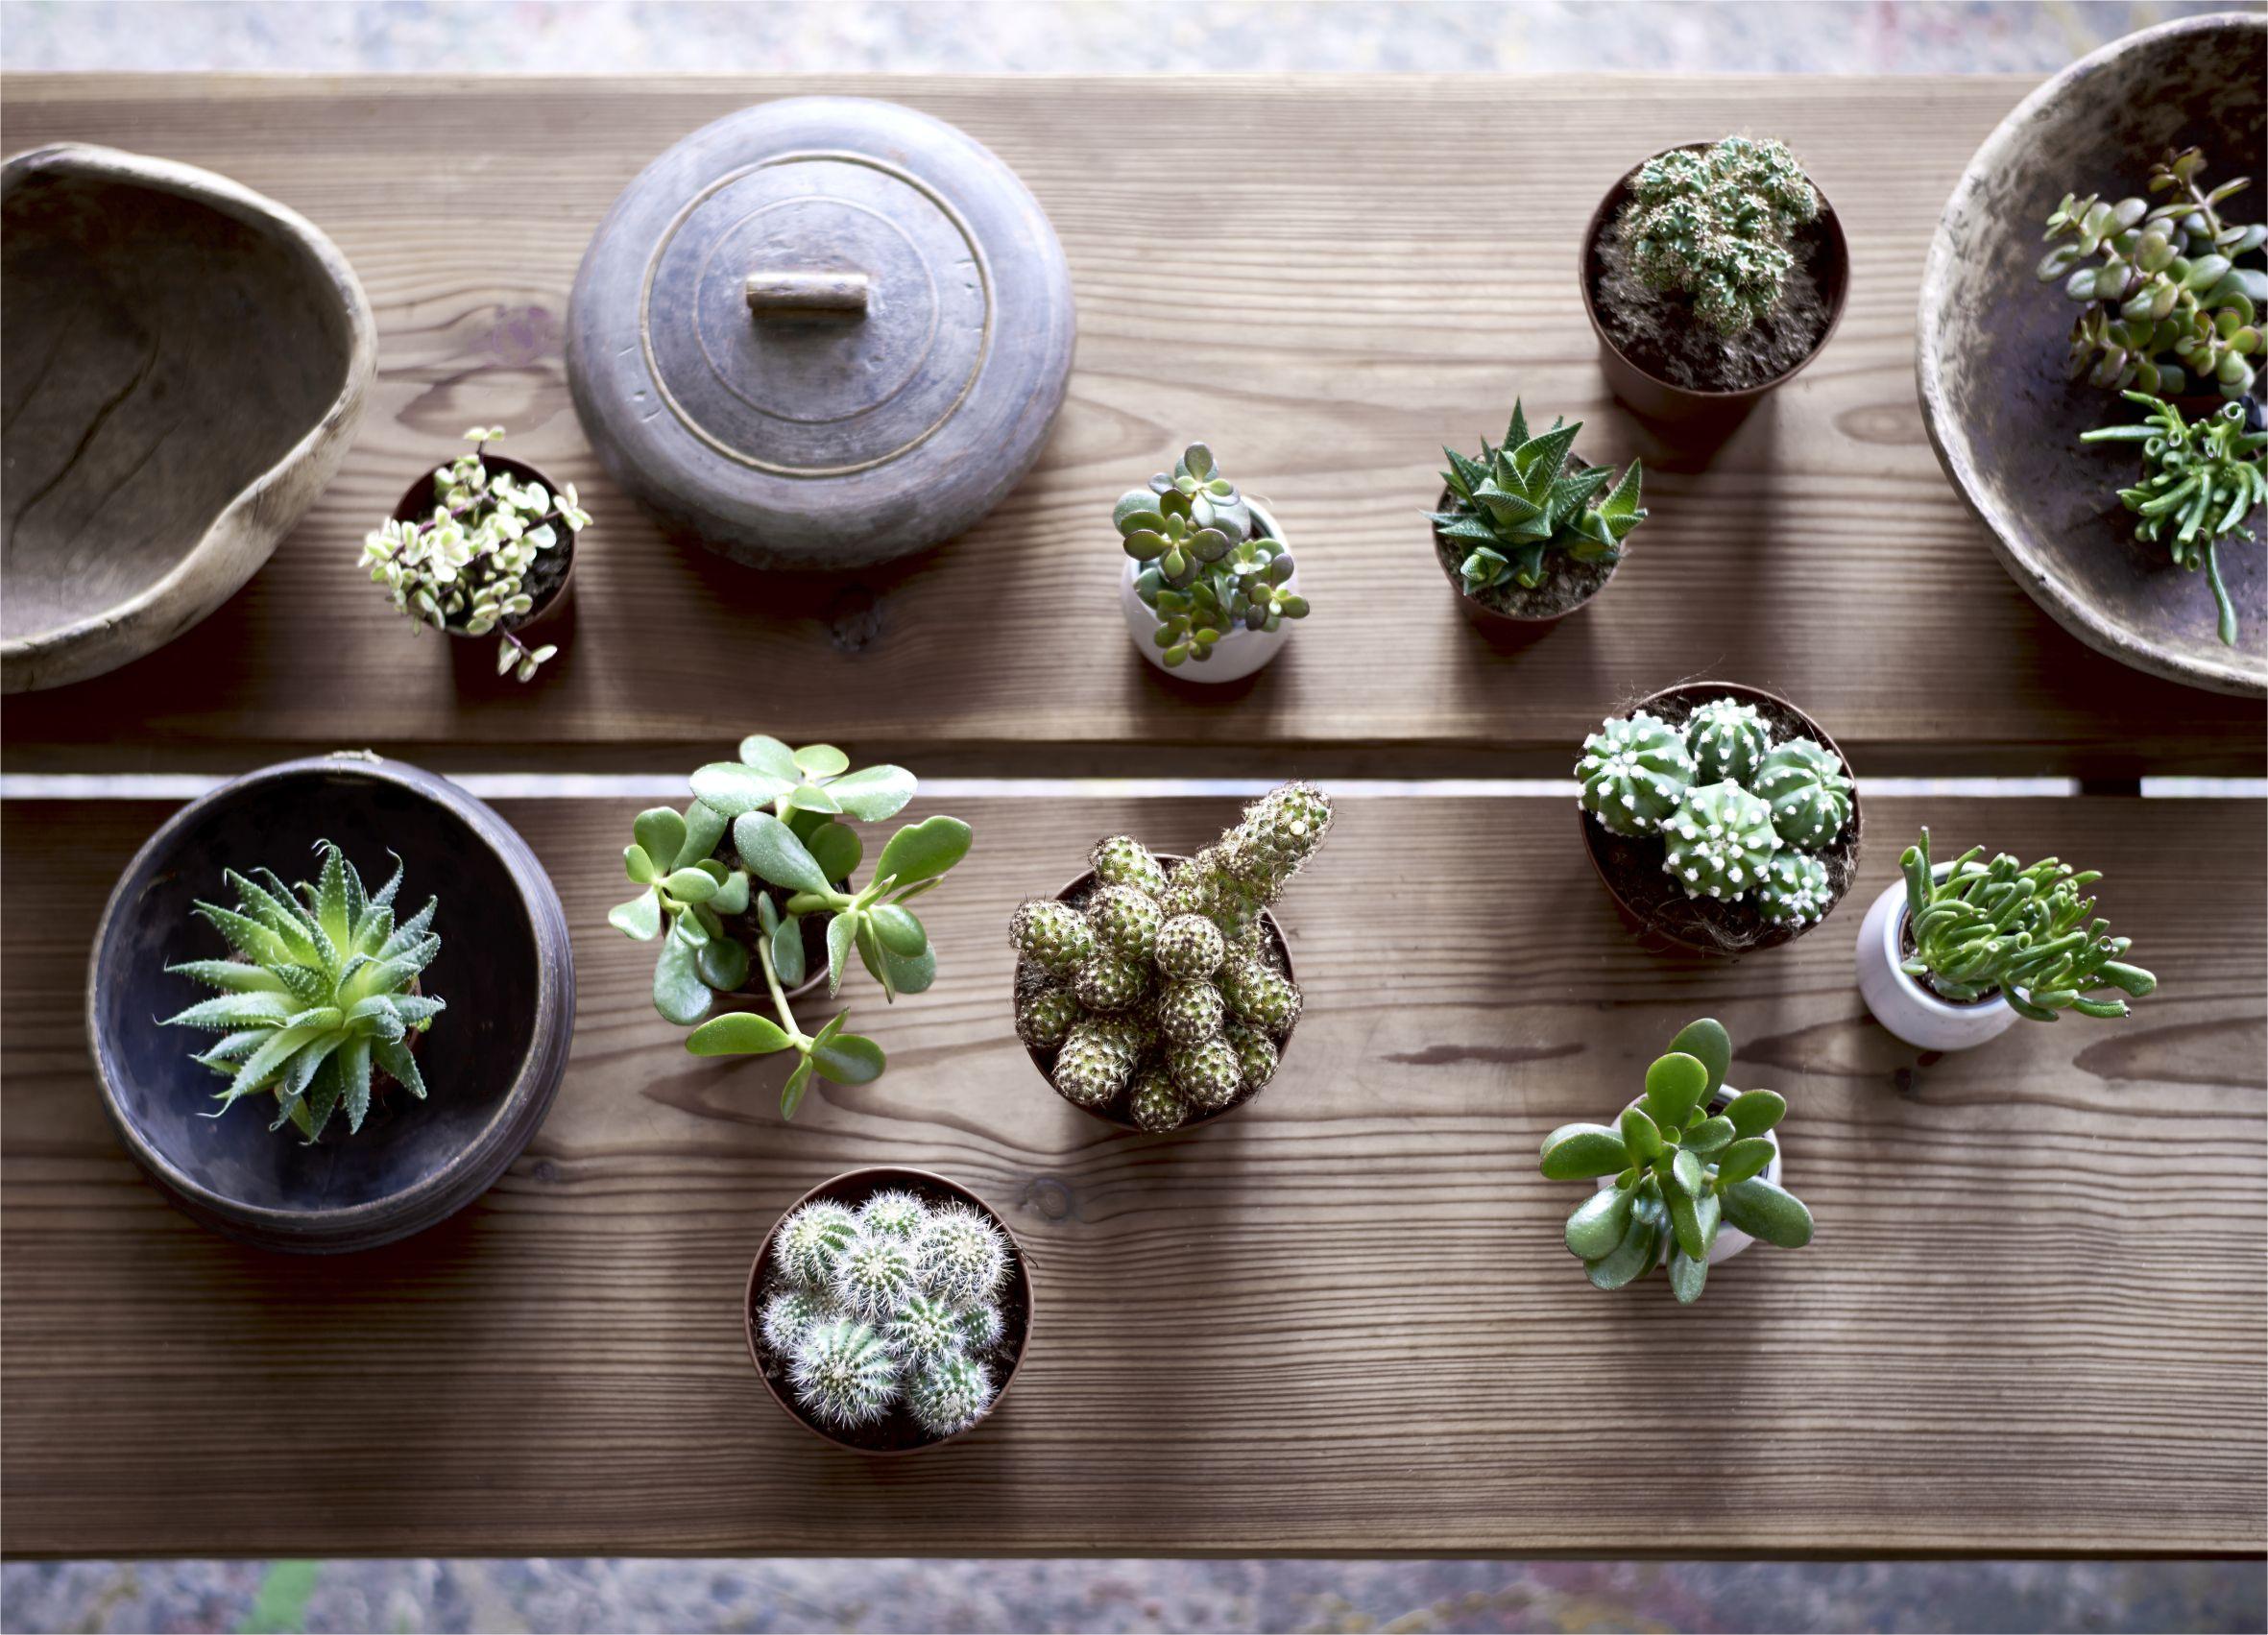 Best House Plants To Thrive In The Heat Heat Tolerant Indoor Plants